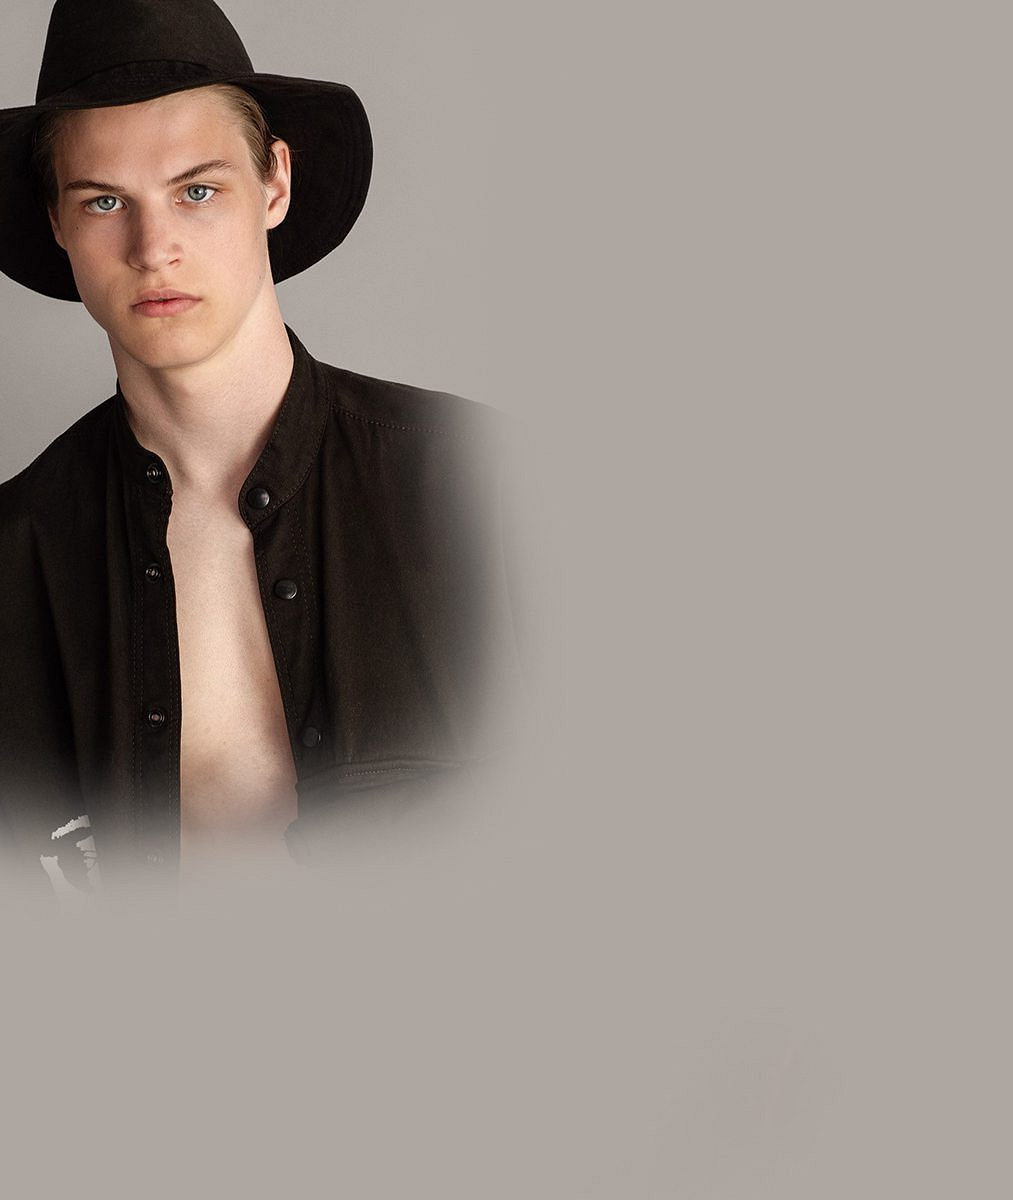 Tohle jsou budoucí mladé naděje světa módy. Jak se vám líbí nejlepší český model amodelka?